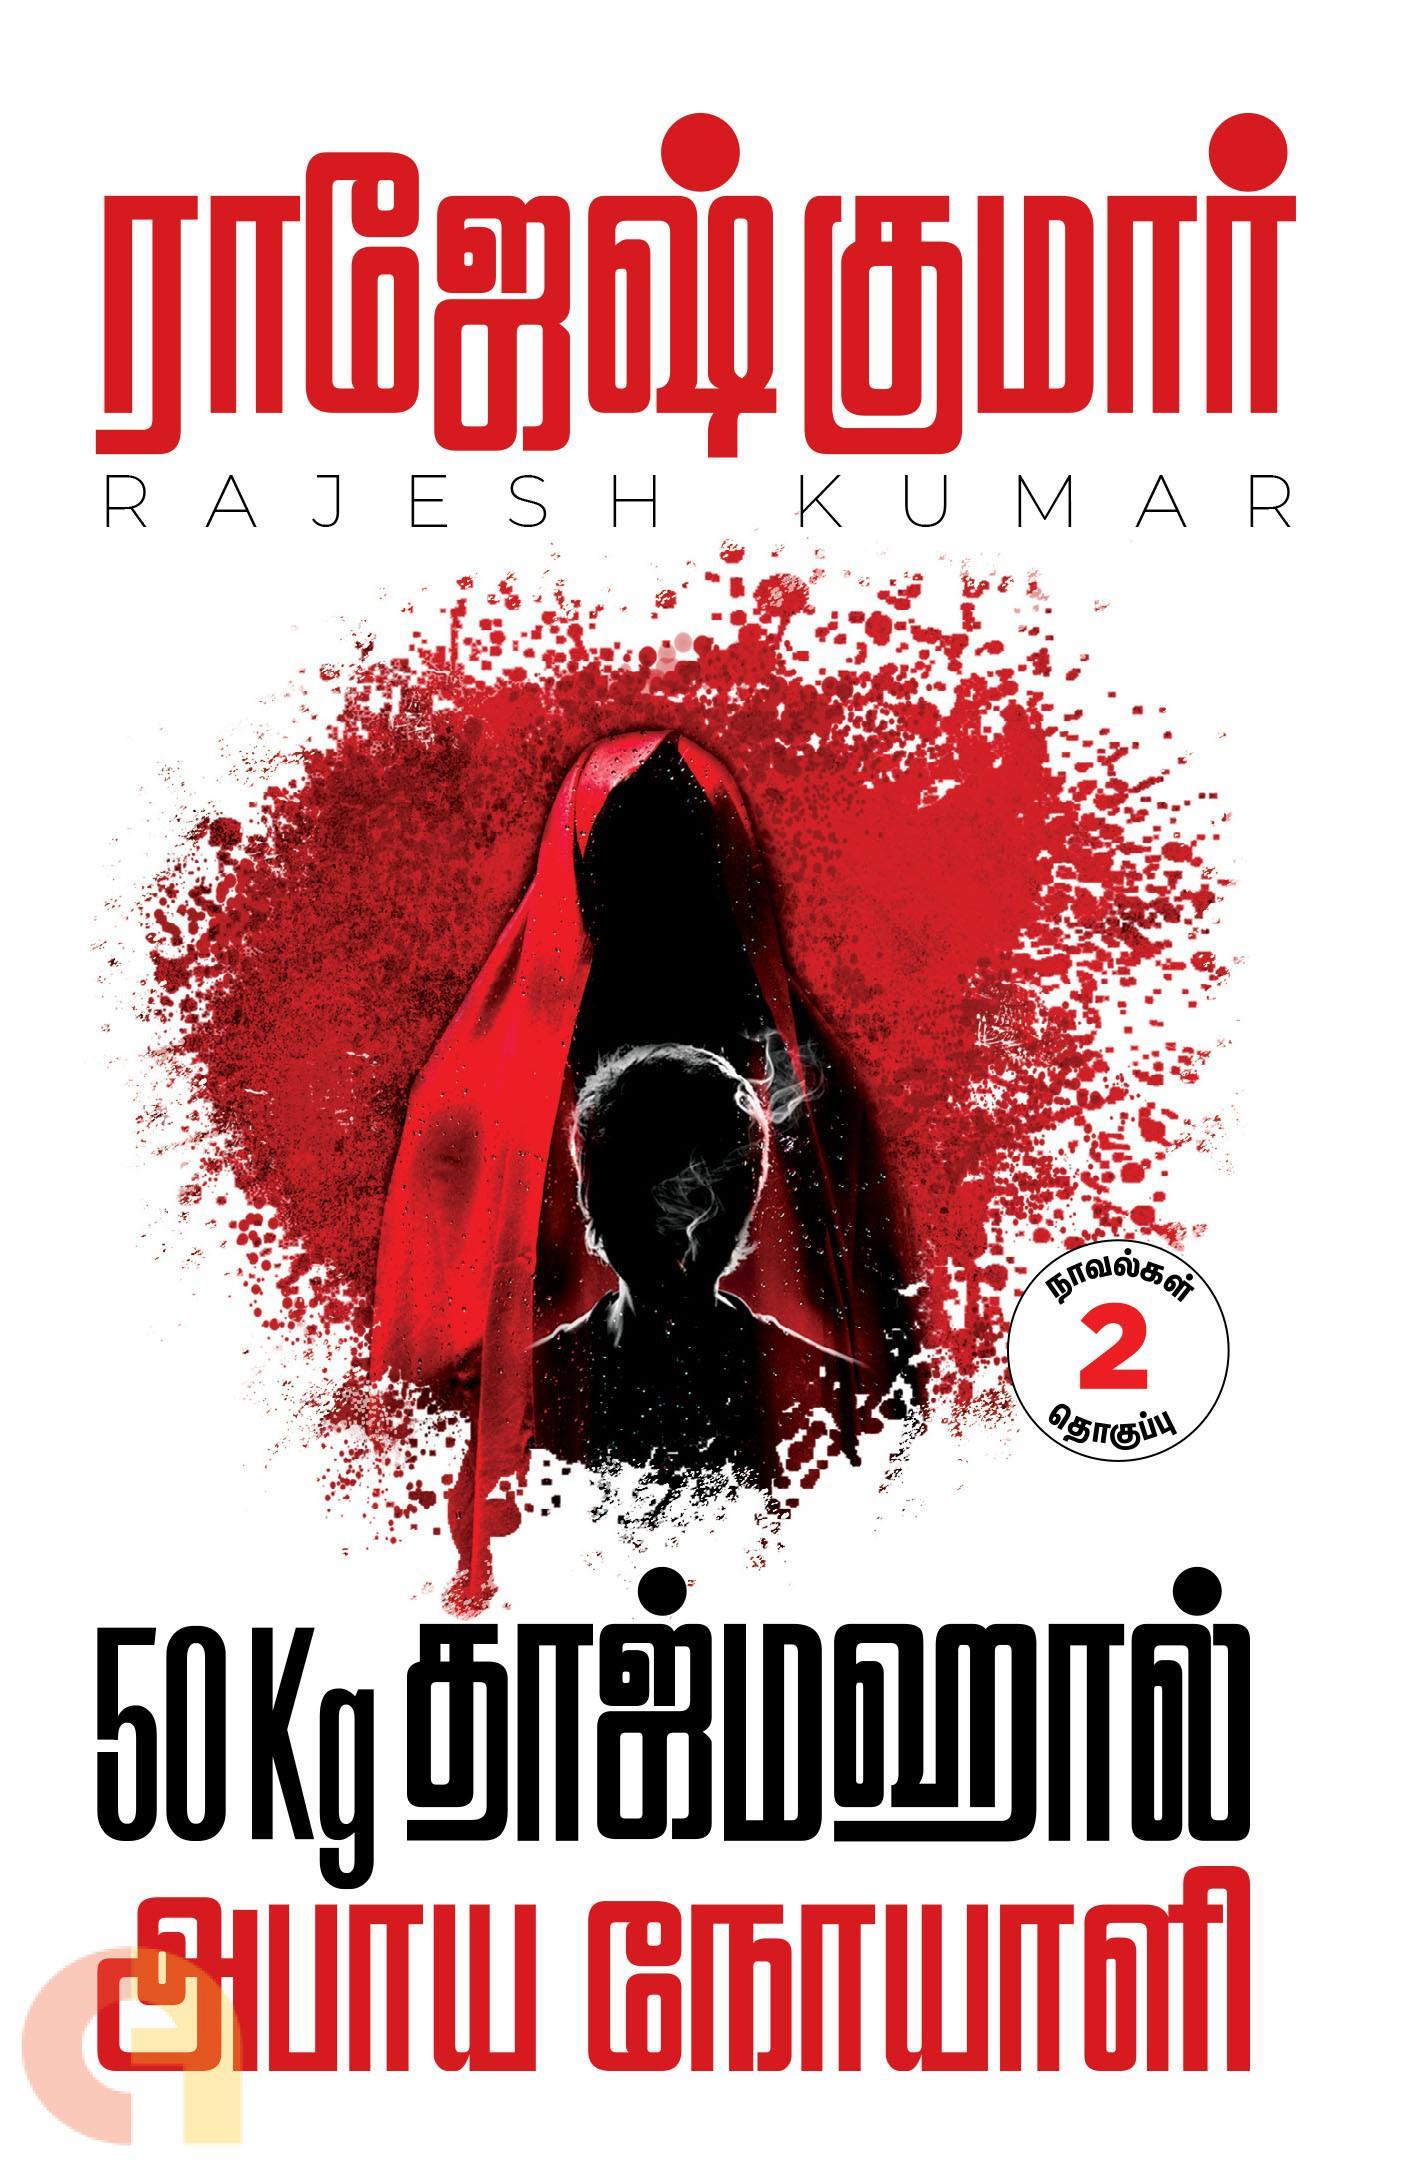 50Kg தாஜ்மஹால் & அபாய நோயாளி